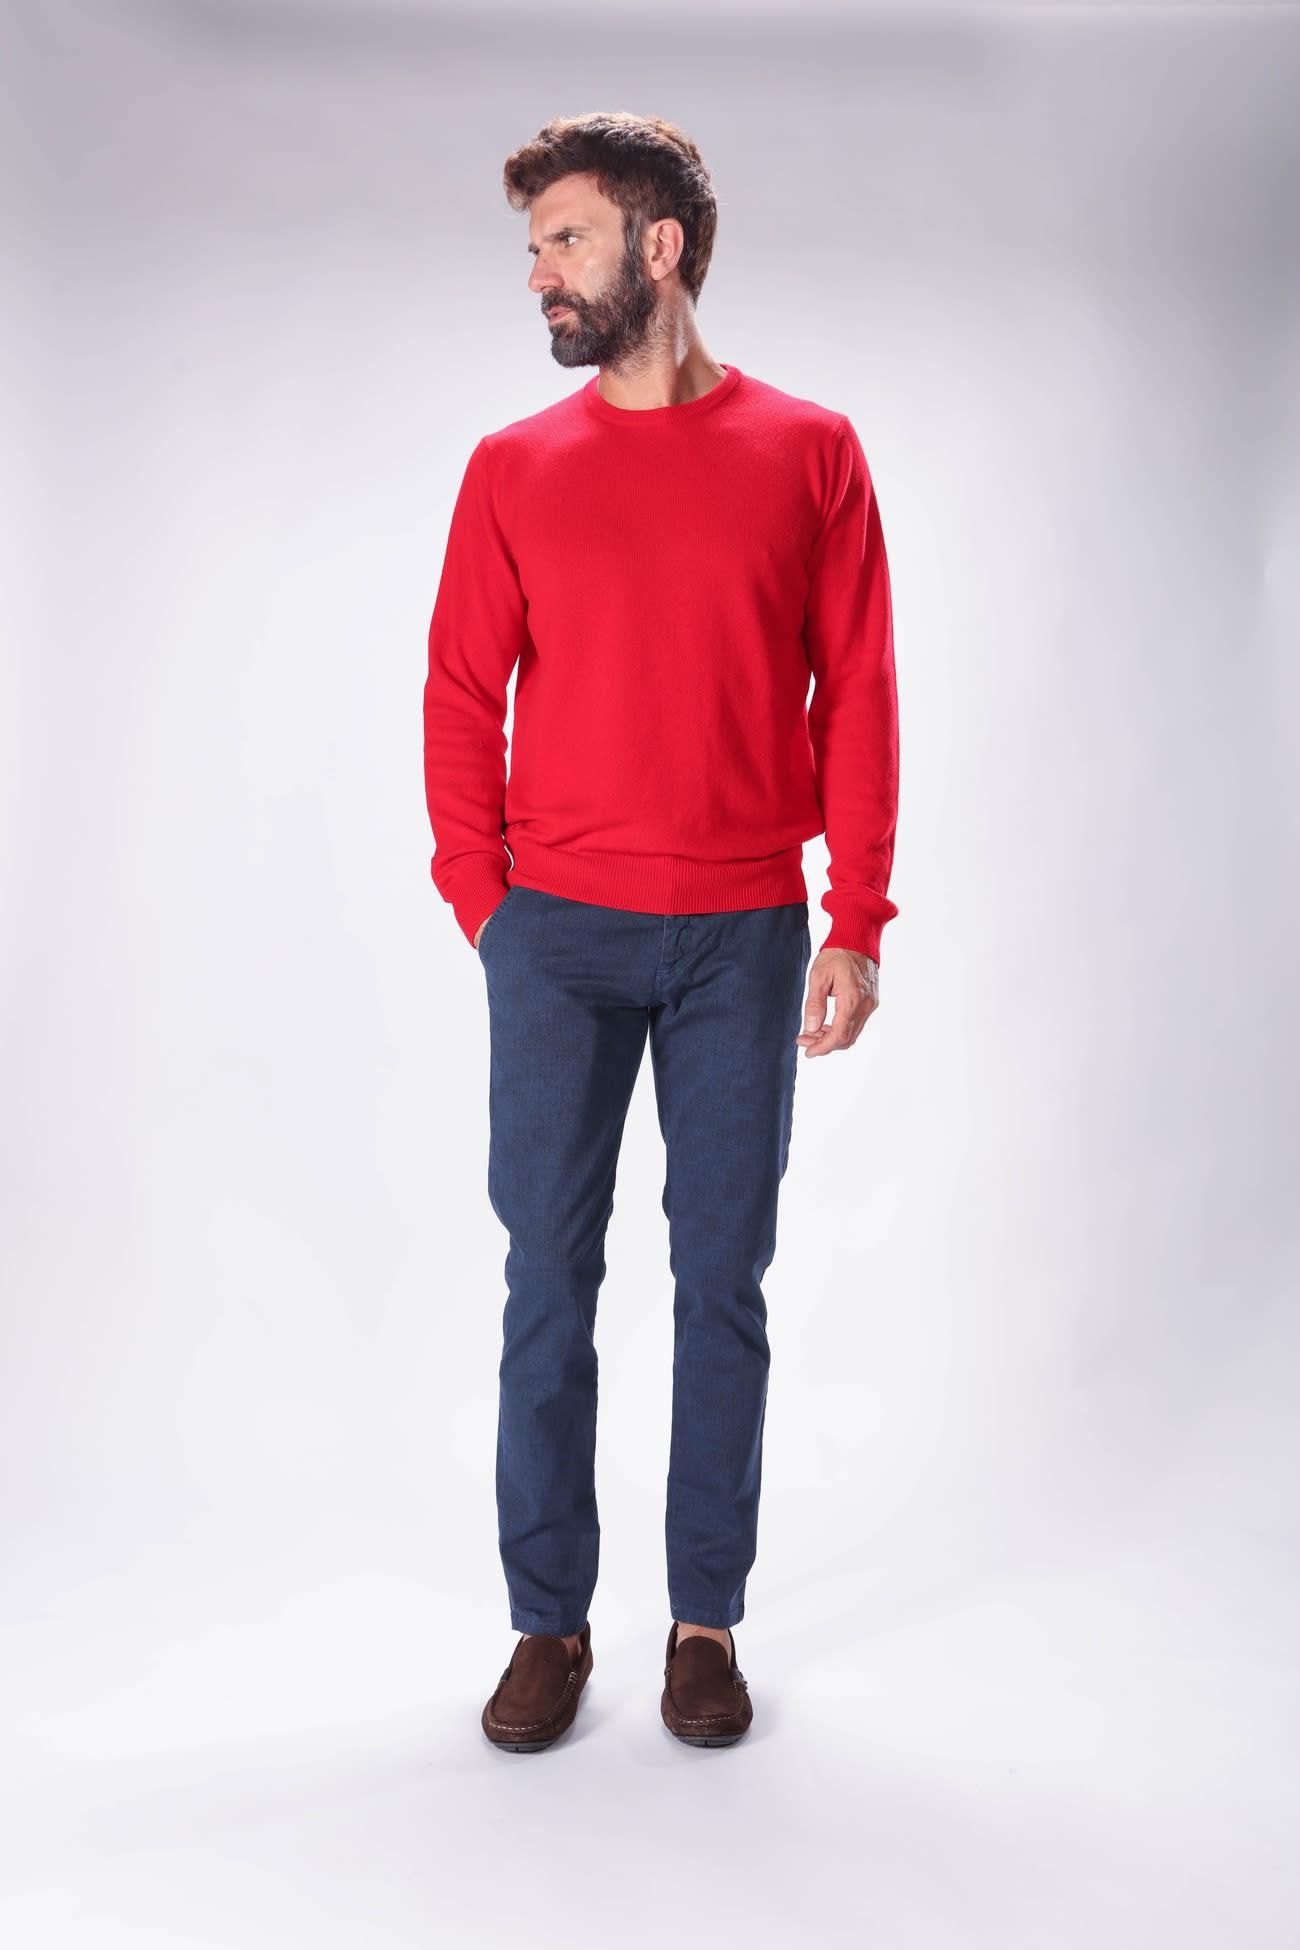 ALTALANA Sweater in Nocc